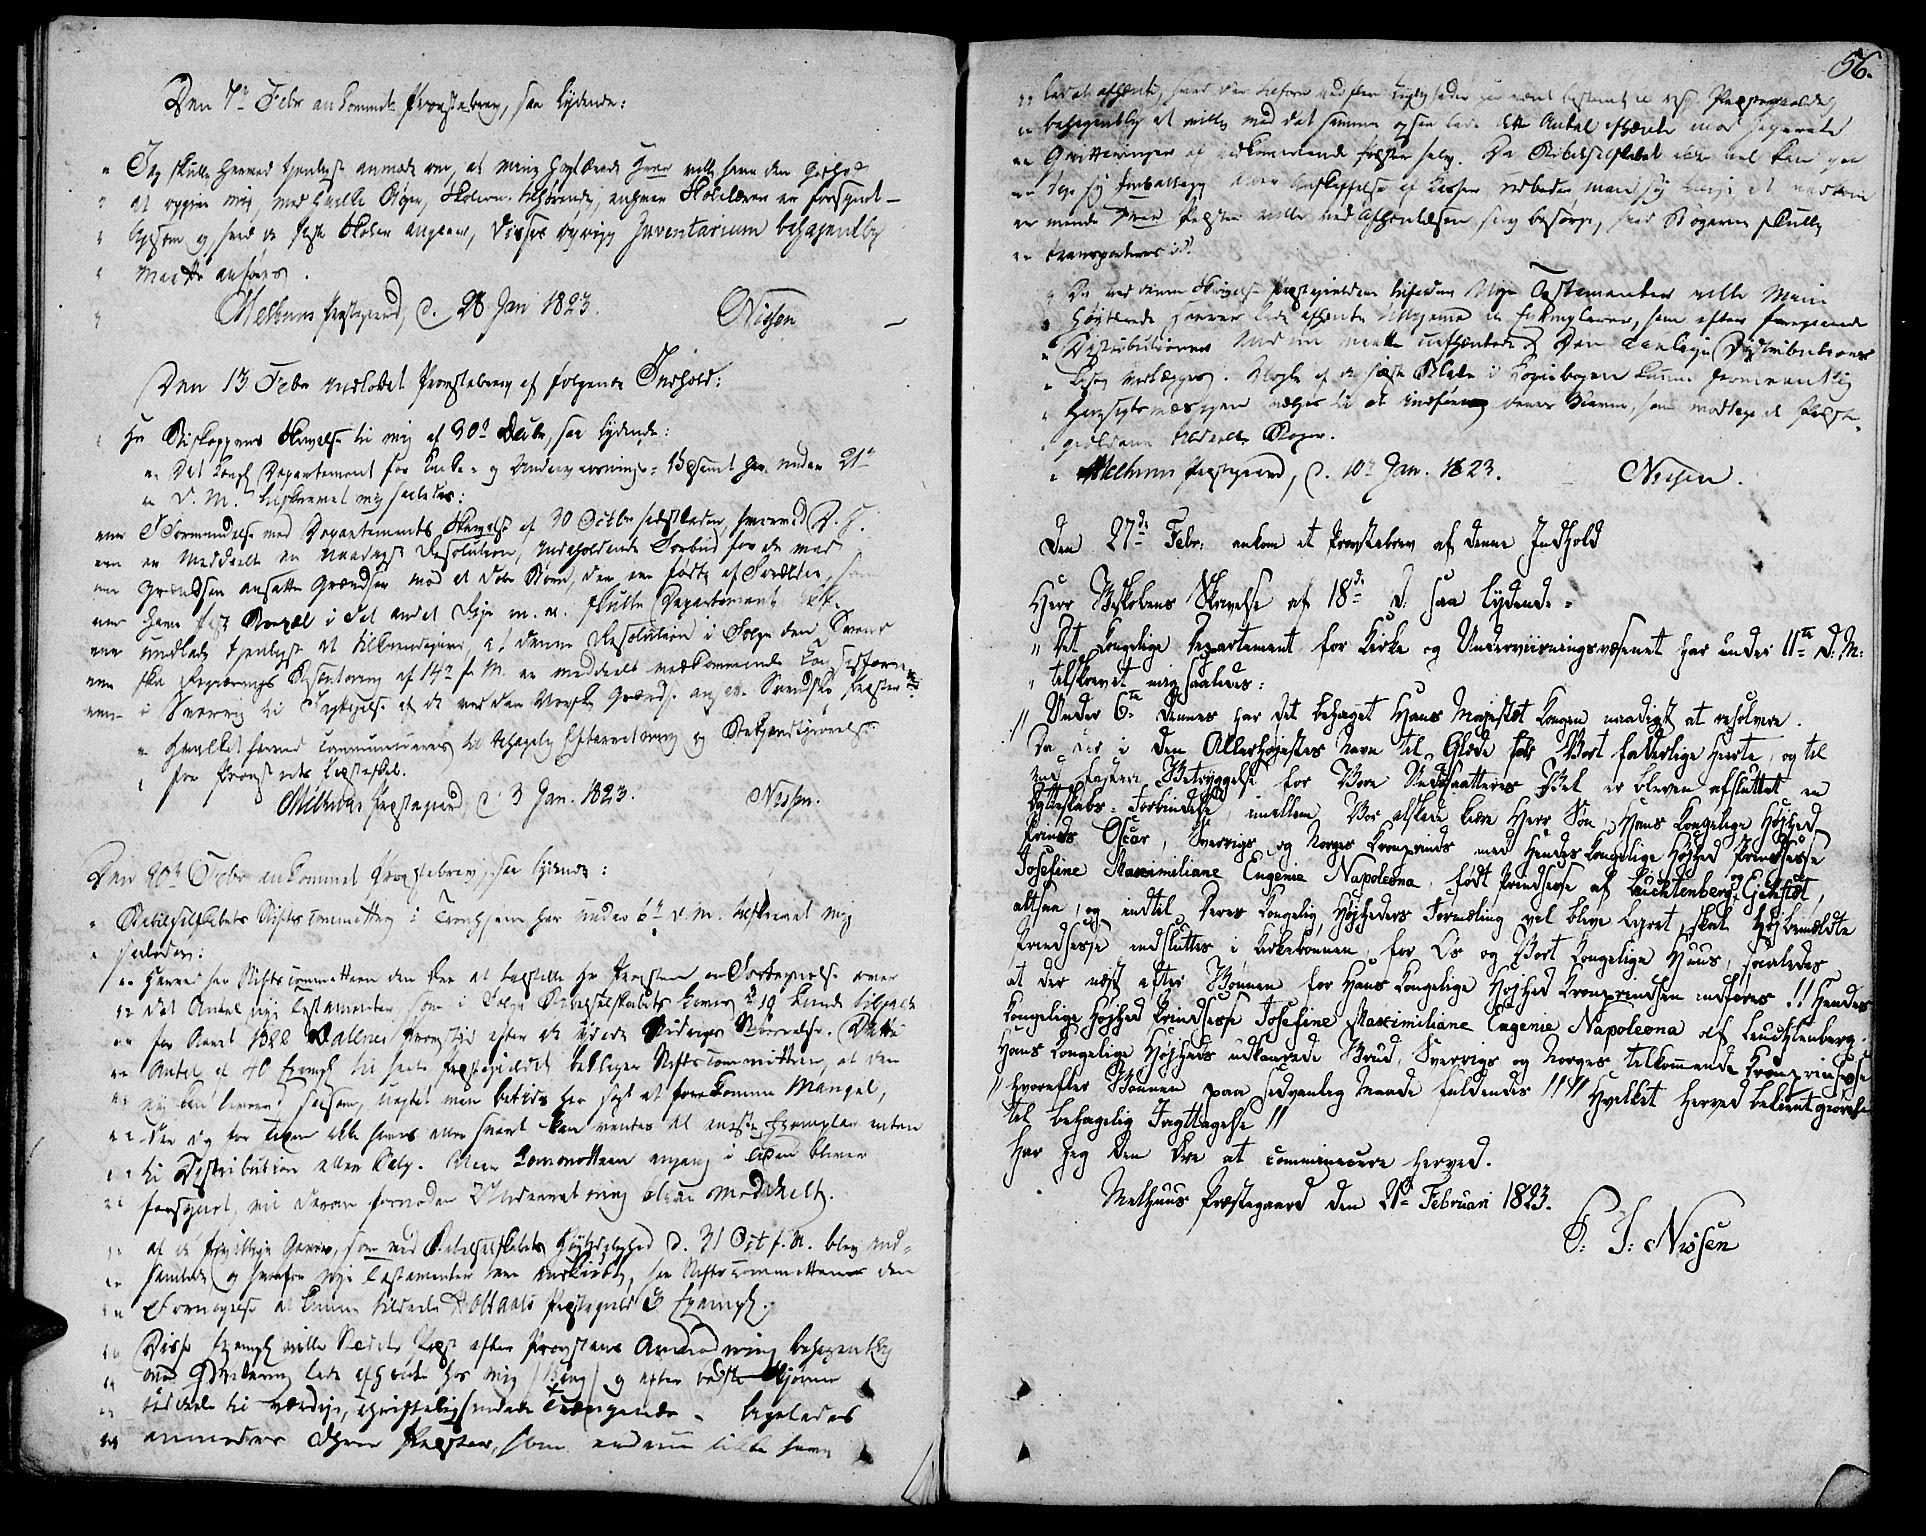 SAT, Ministerialprotokoller, klokkerbøker og fødselsregistre - Sør-Trøndelag, 685/L0953: Ministerialbok nr. 685A02, 1805-1816, s. 56